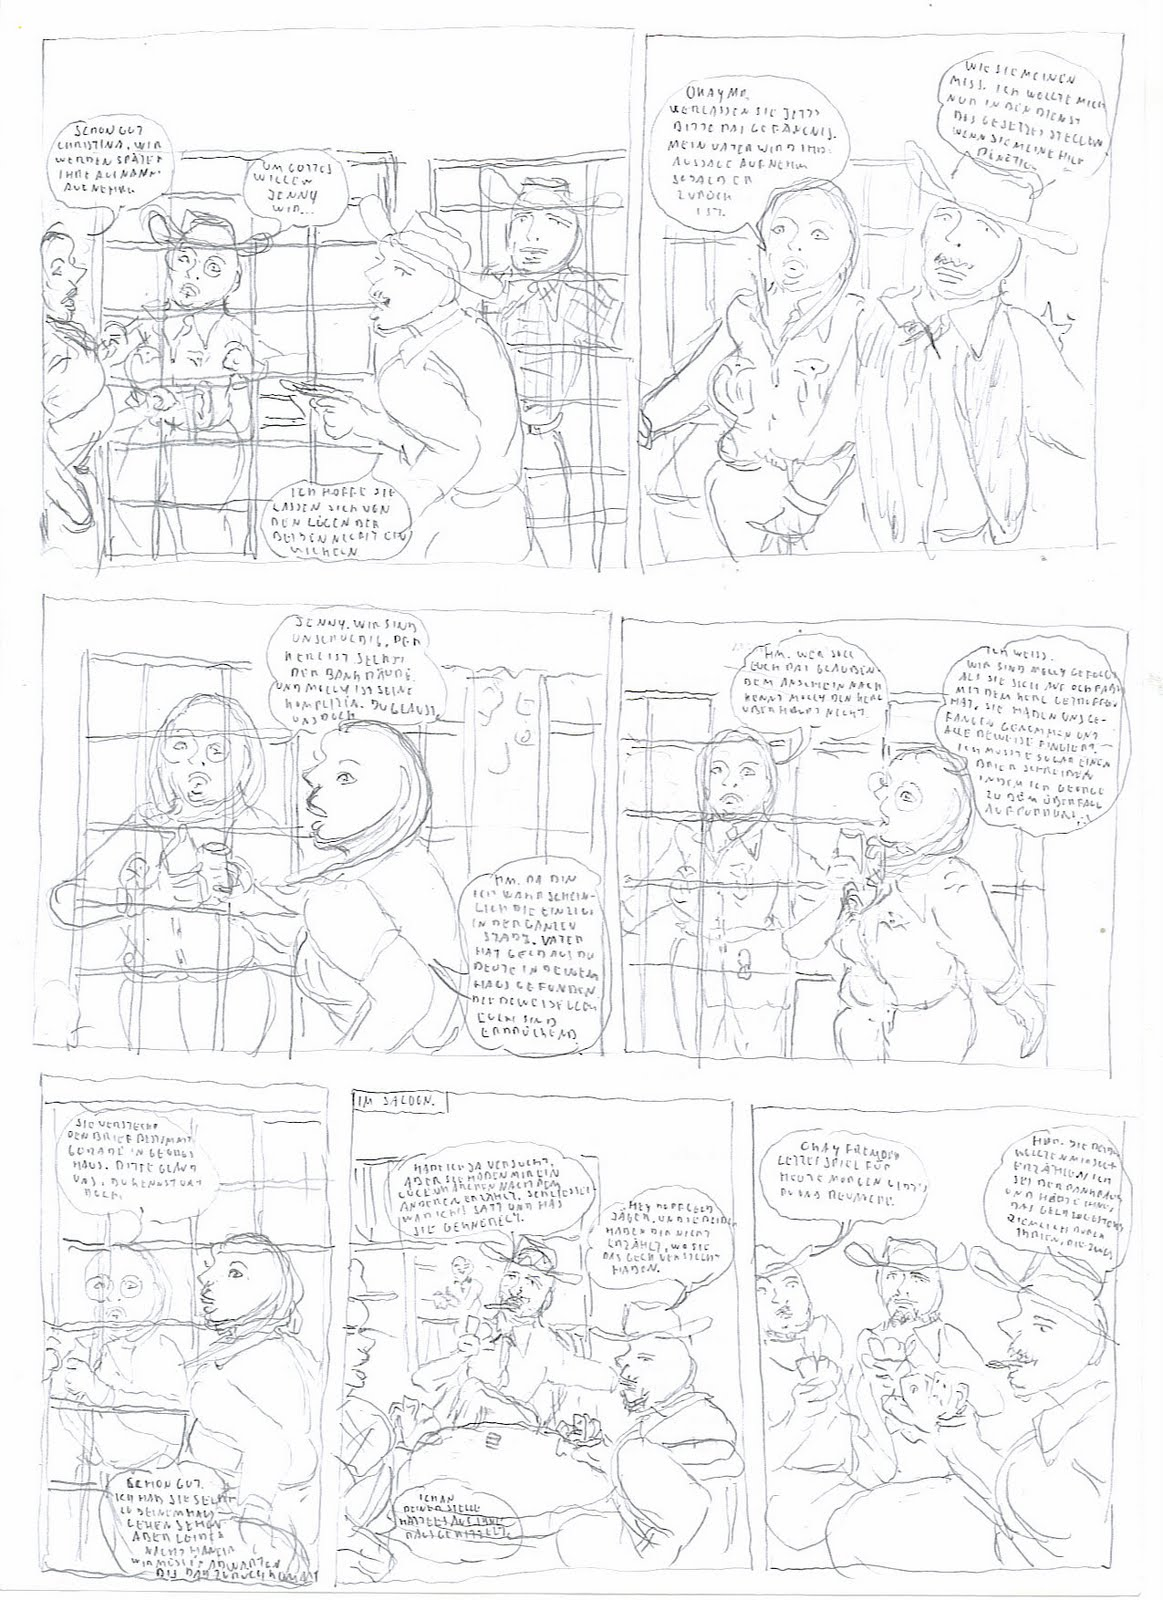 Wild West bondage comics: Bank robbery tale II